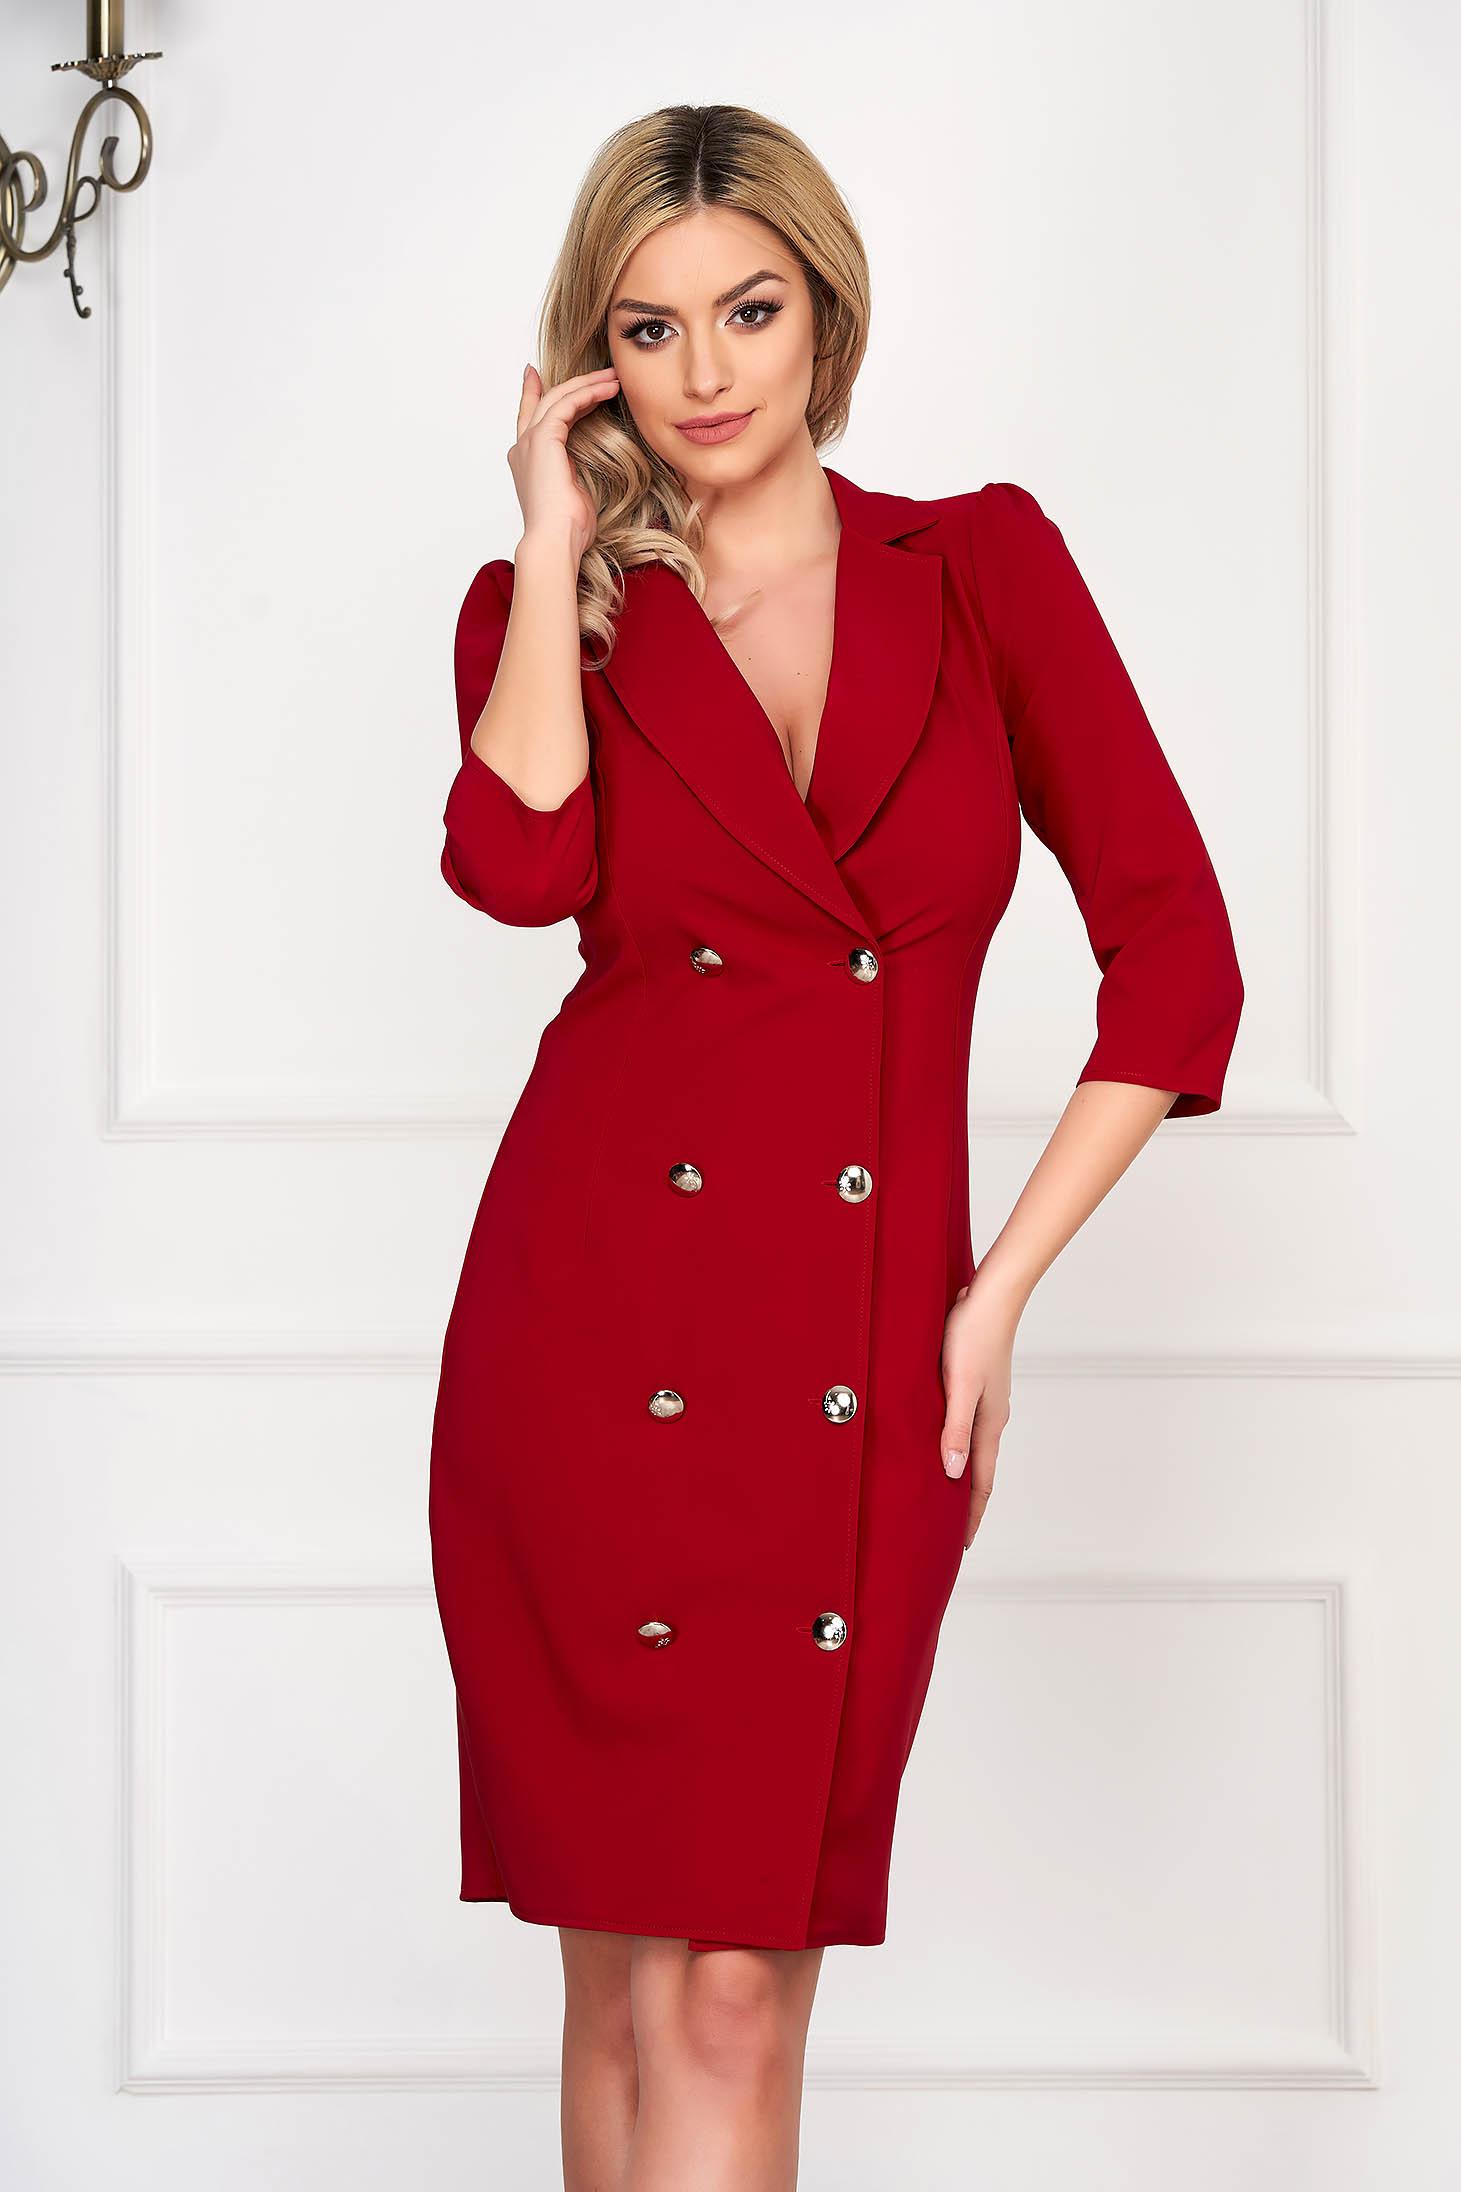 Rochie rosie eleganta petrecuta tip sacou din stofa usor elastica accesorizata cu nasturi